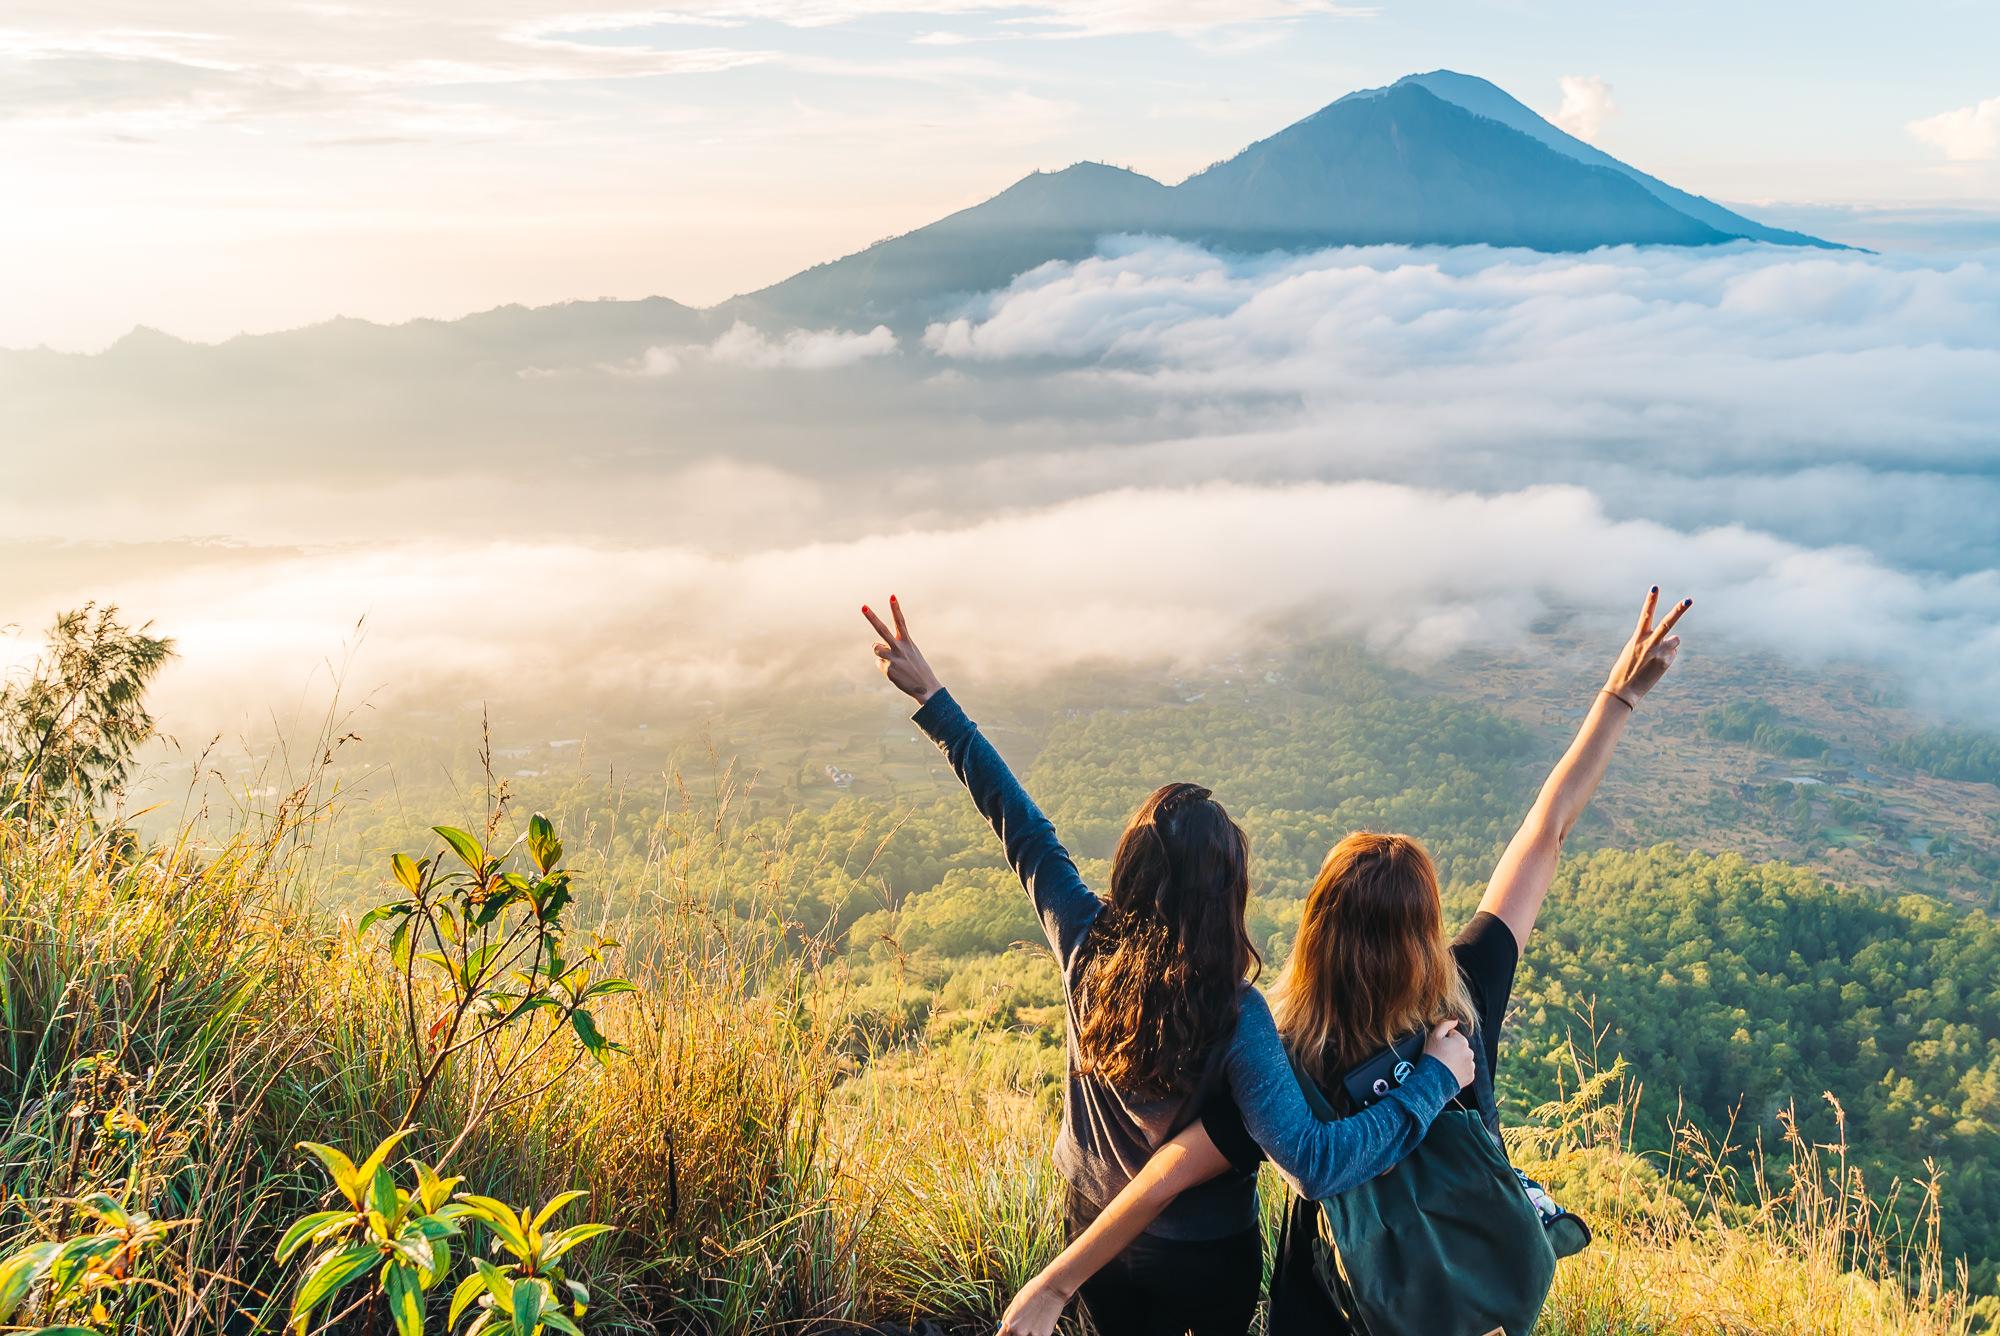 So proud we conquered Mount Batur